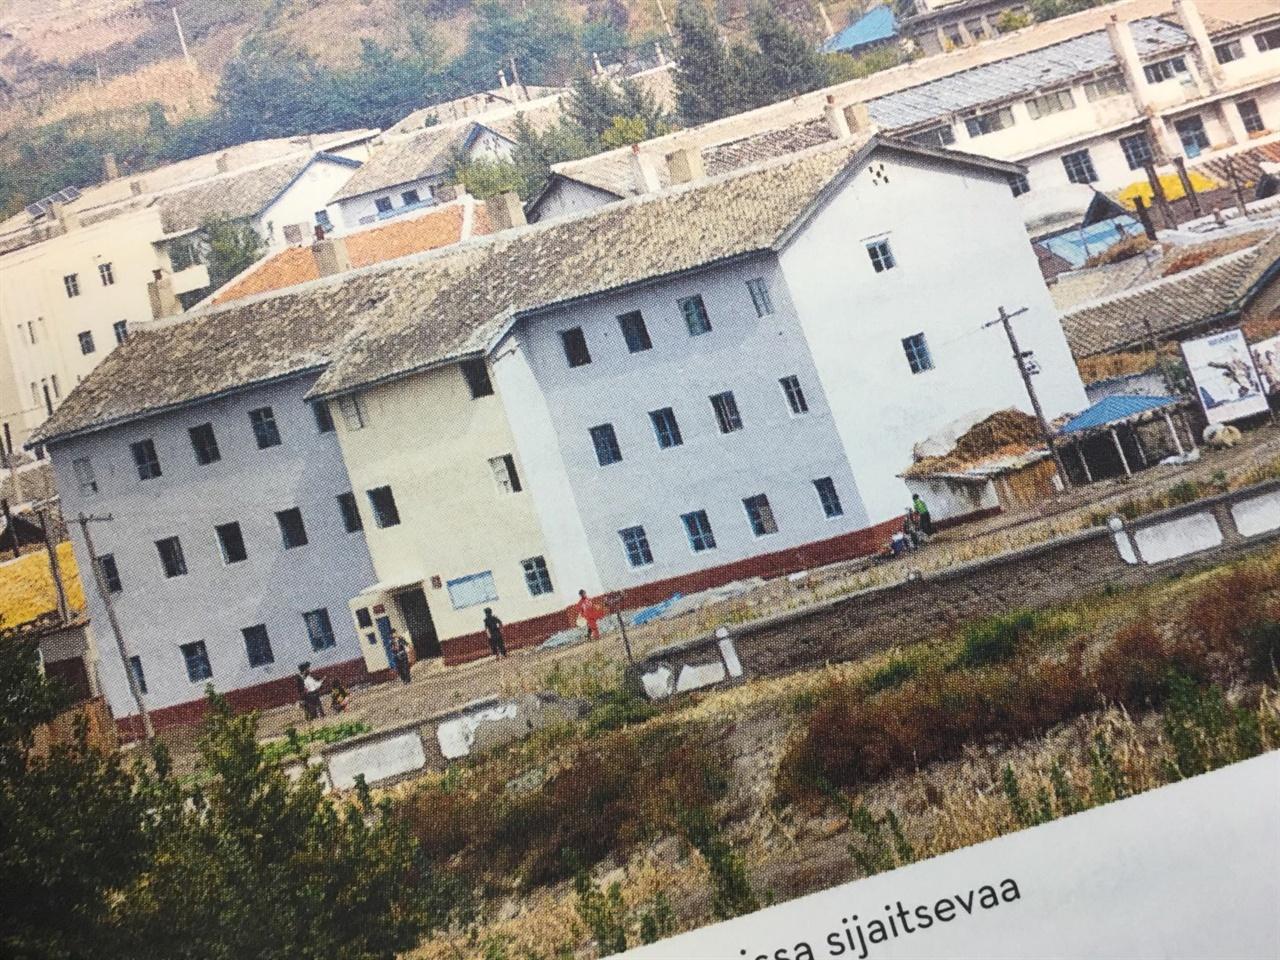 접경지대에서 보이는 건물 중국 쪽 국경에서 촬영한 함경북도 남양노동지구 건물